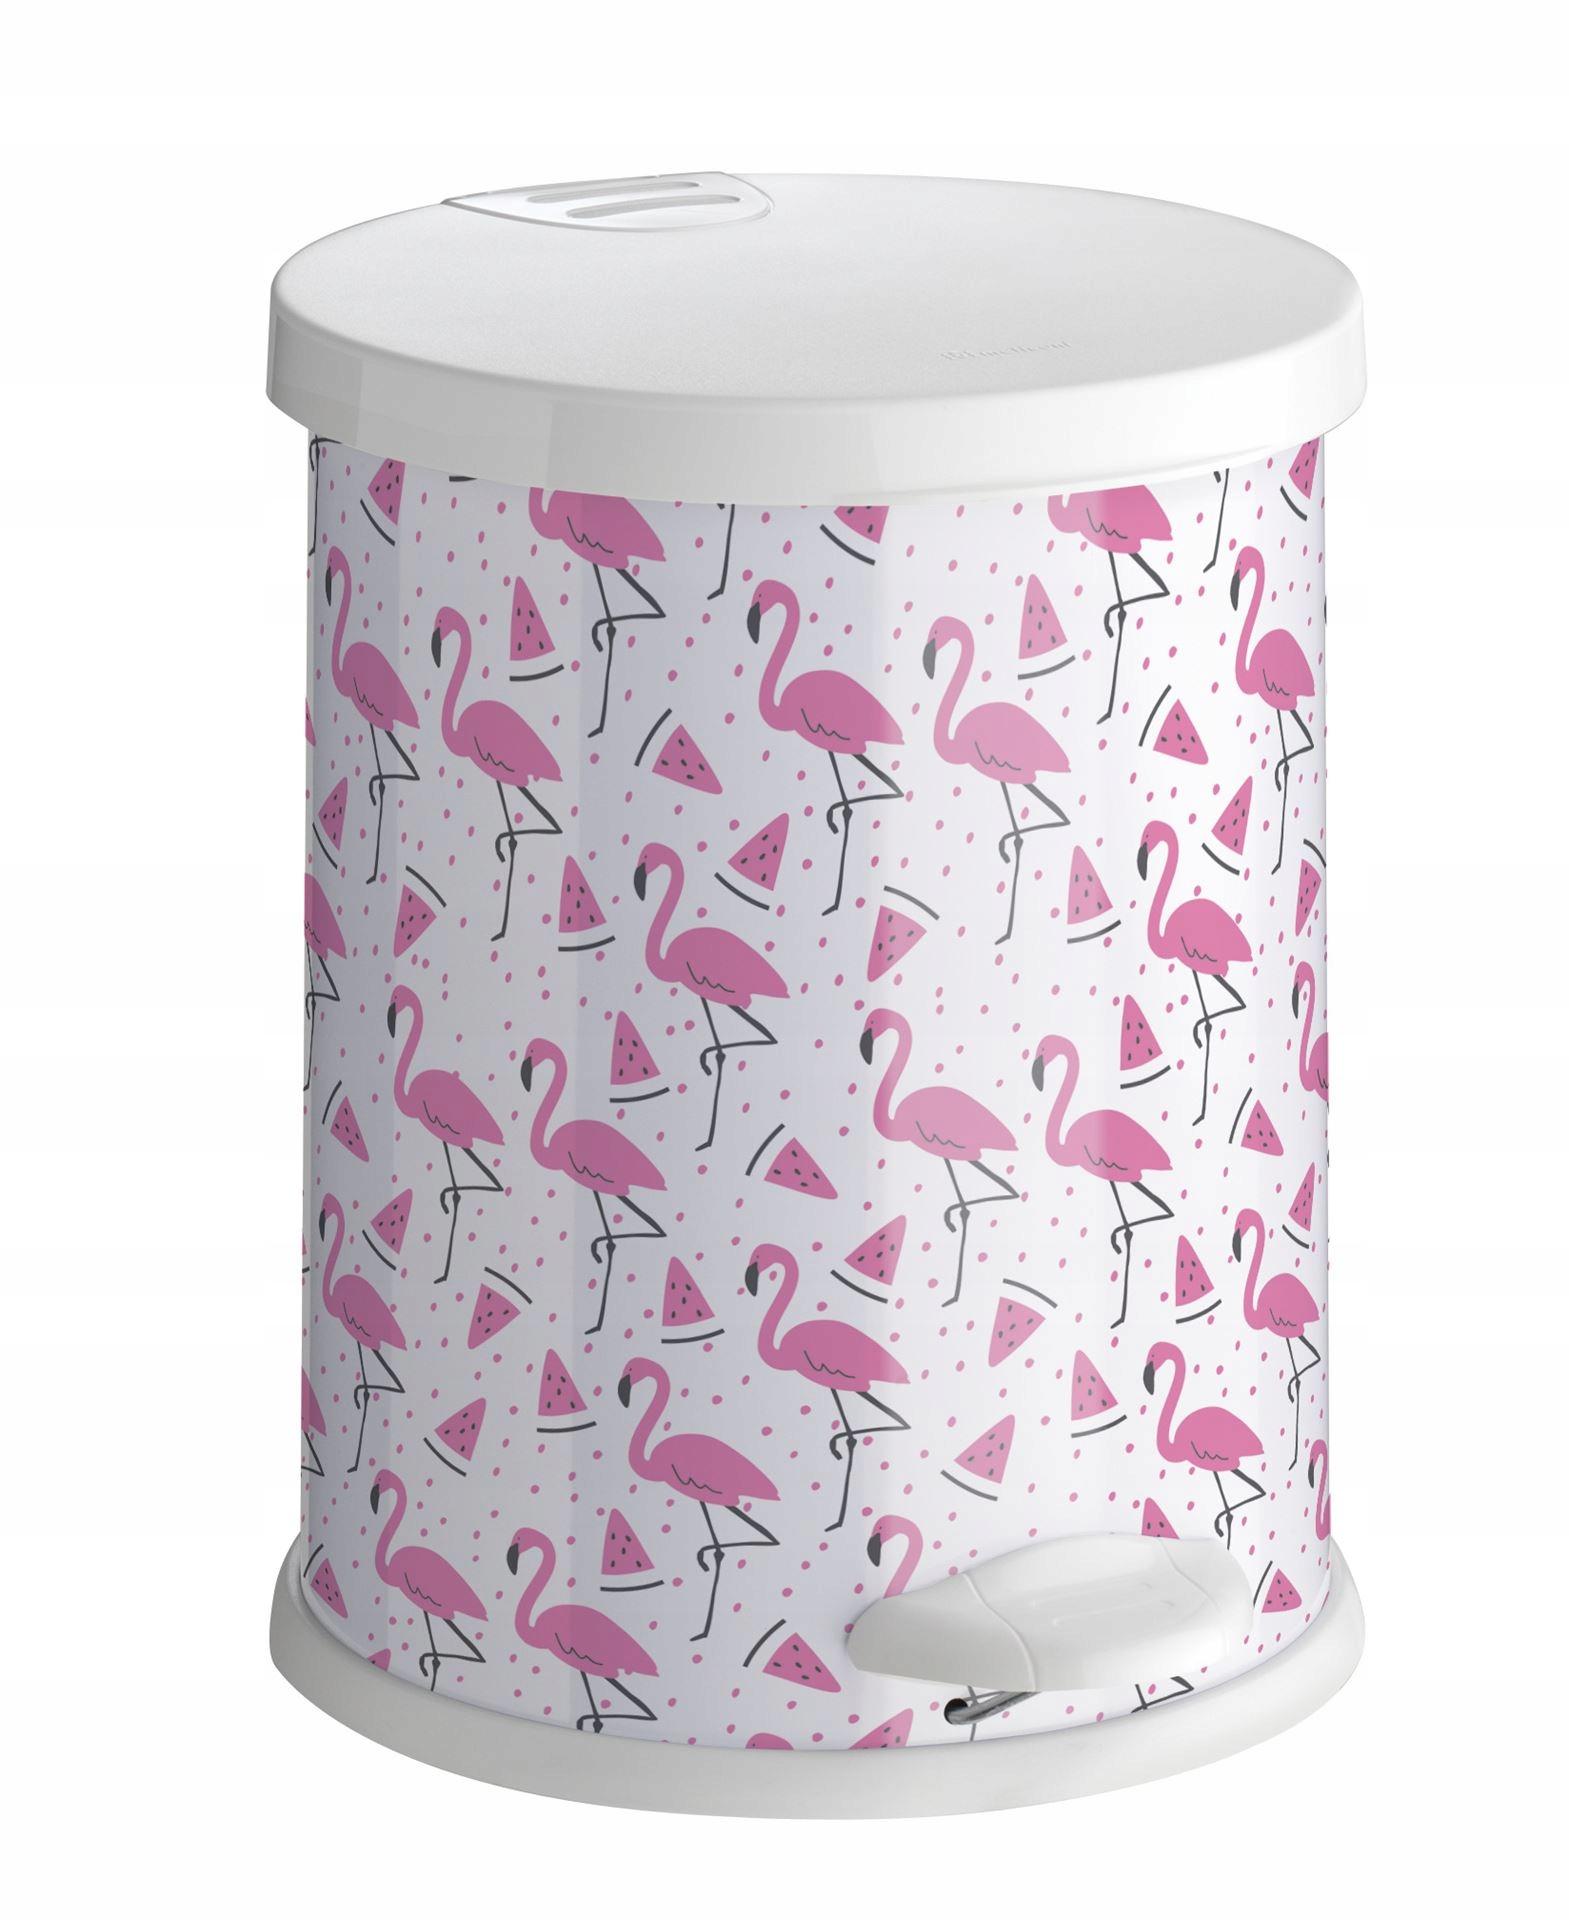 Odpadkový kôš Odpadkový kôš 12 L biele a ružové plameniaky